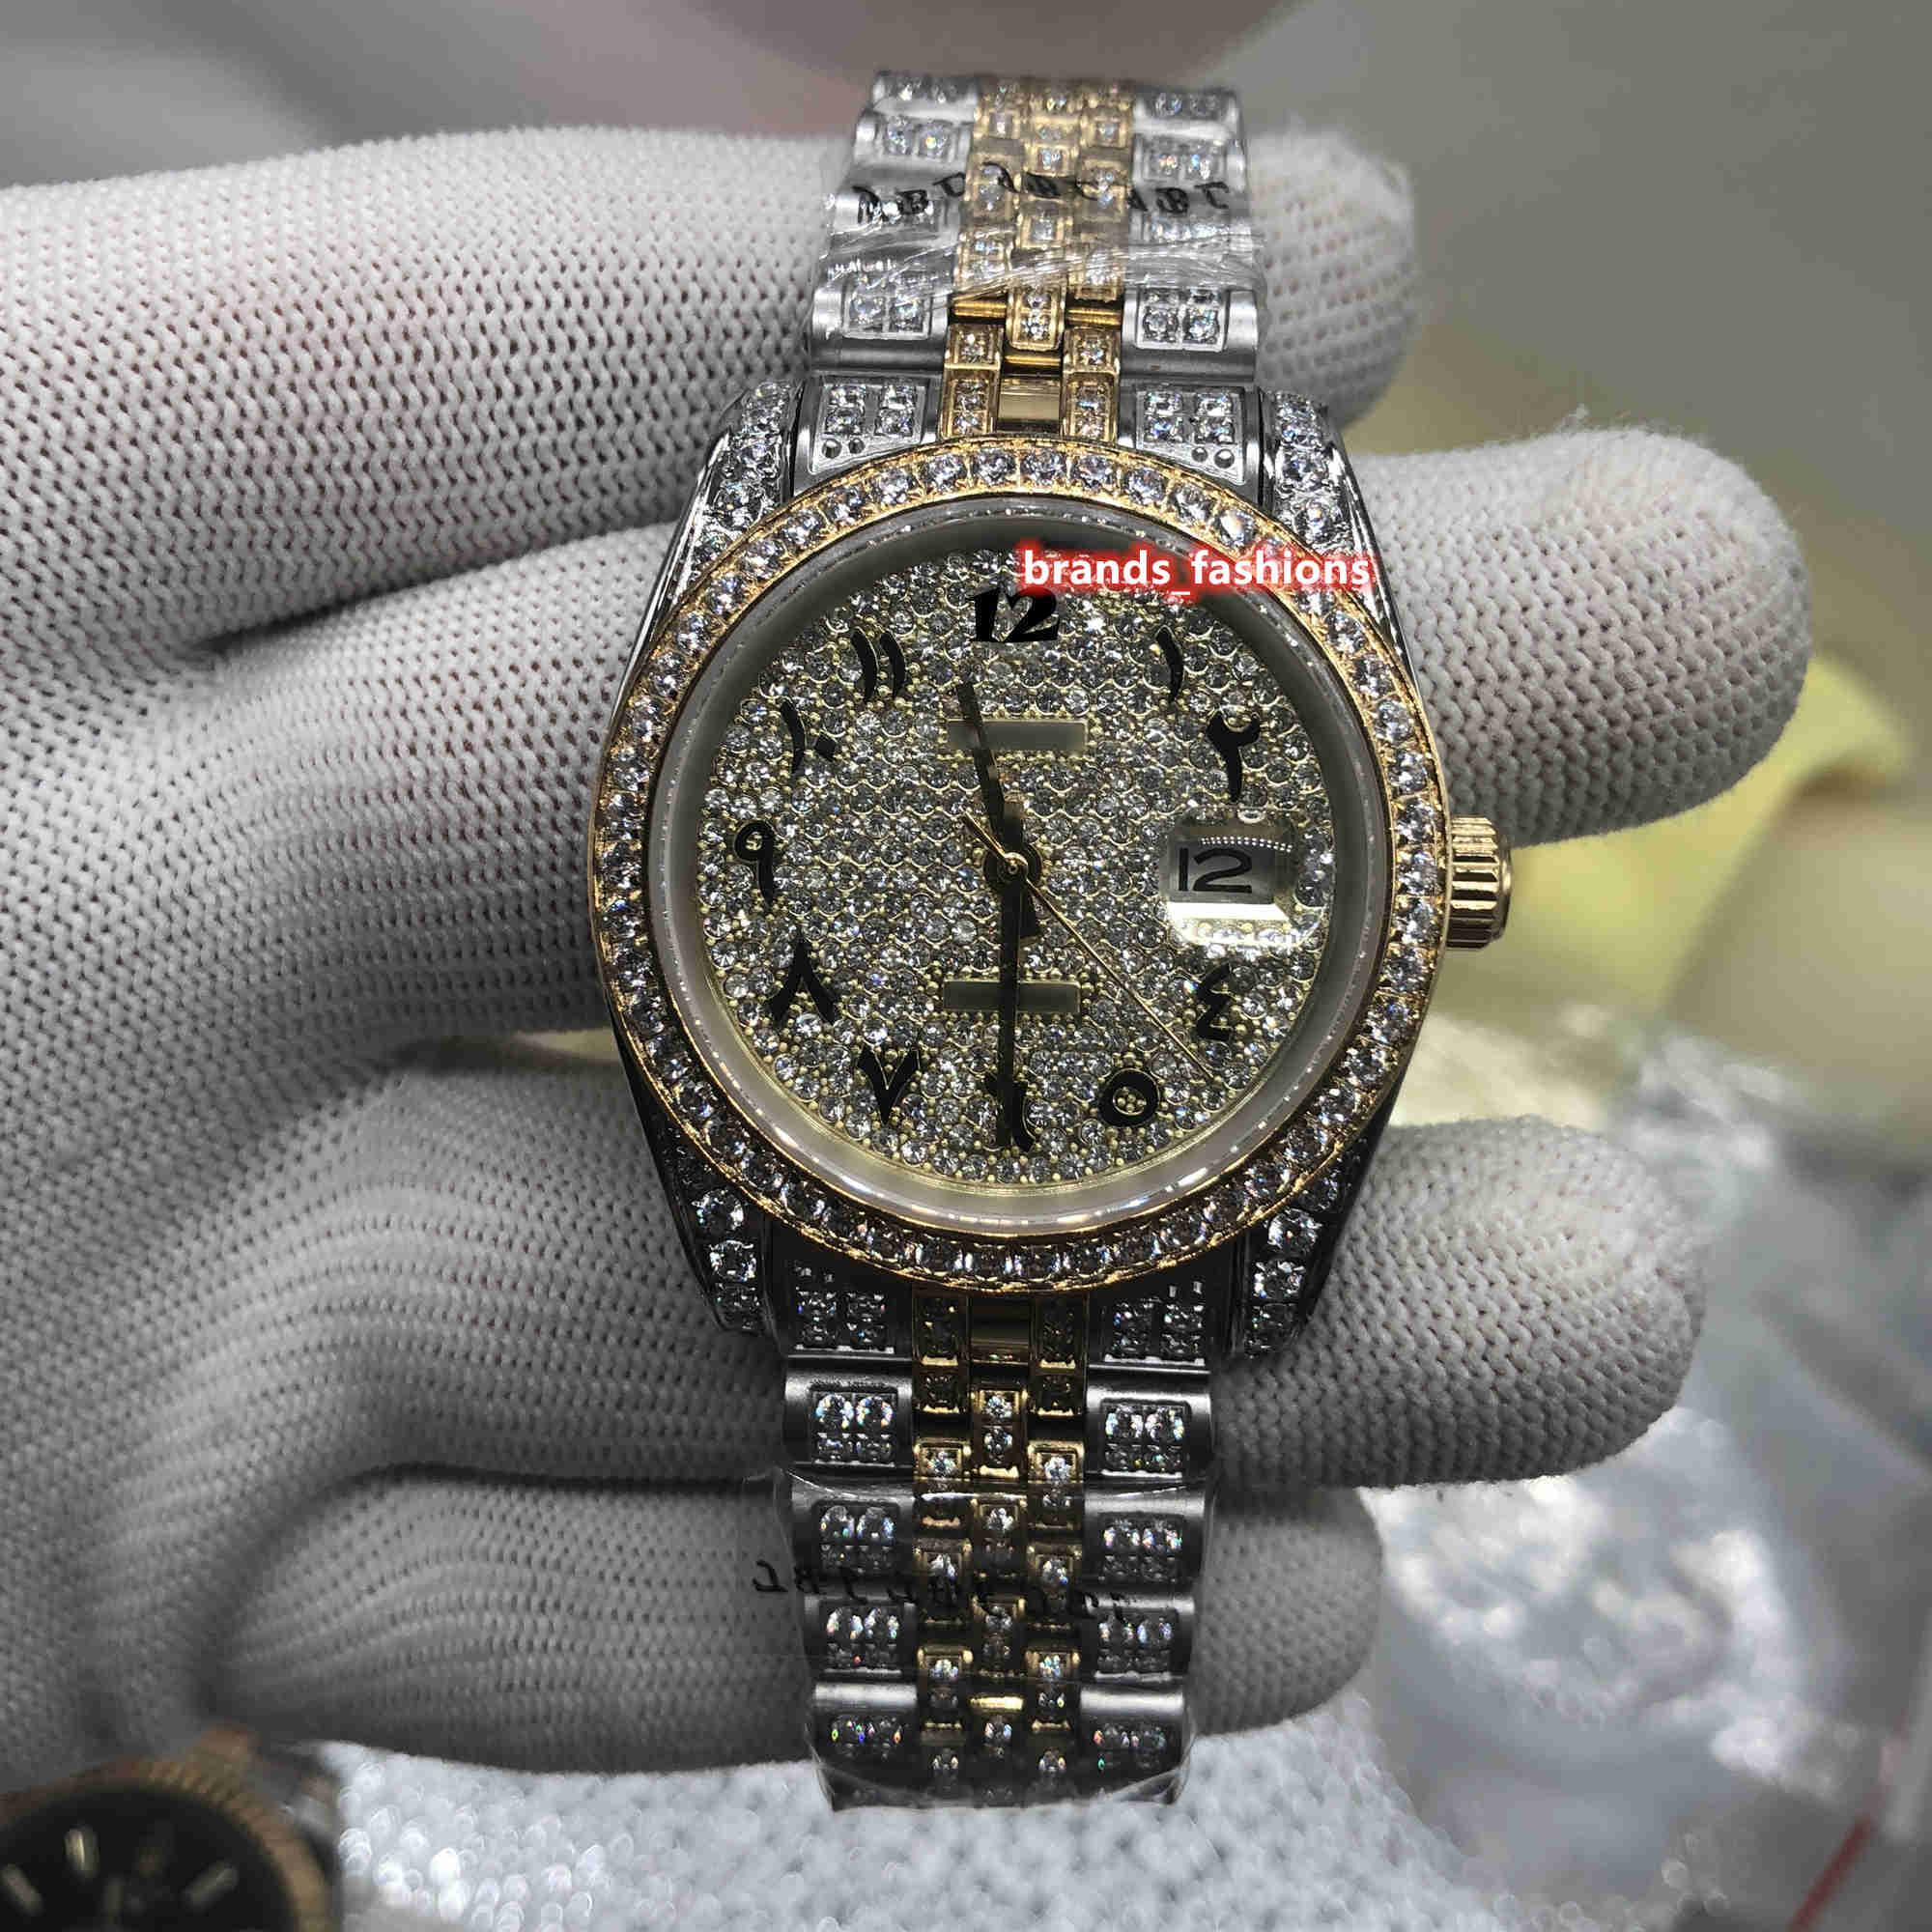 새로운 남성 패션 시계 아랍어 디지털 스케일 시계 골드 다이아몬드 얼굴 시계 전체 다이아몬드 스트랩 시계 자동 기계 시계